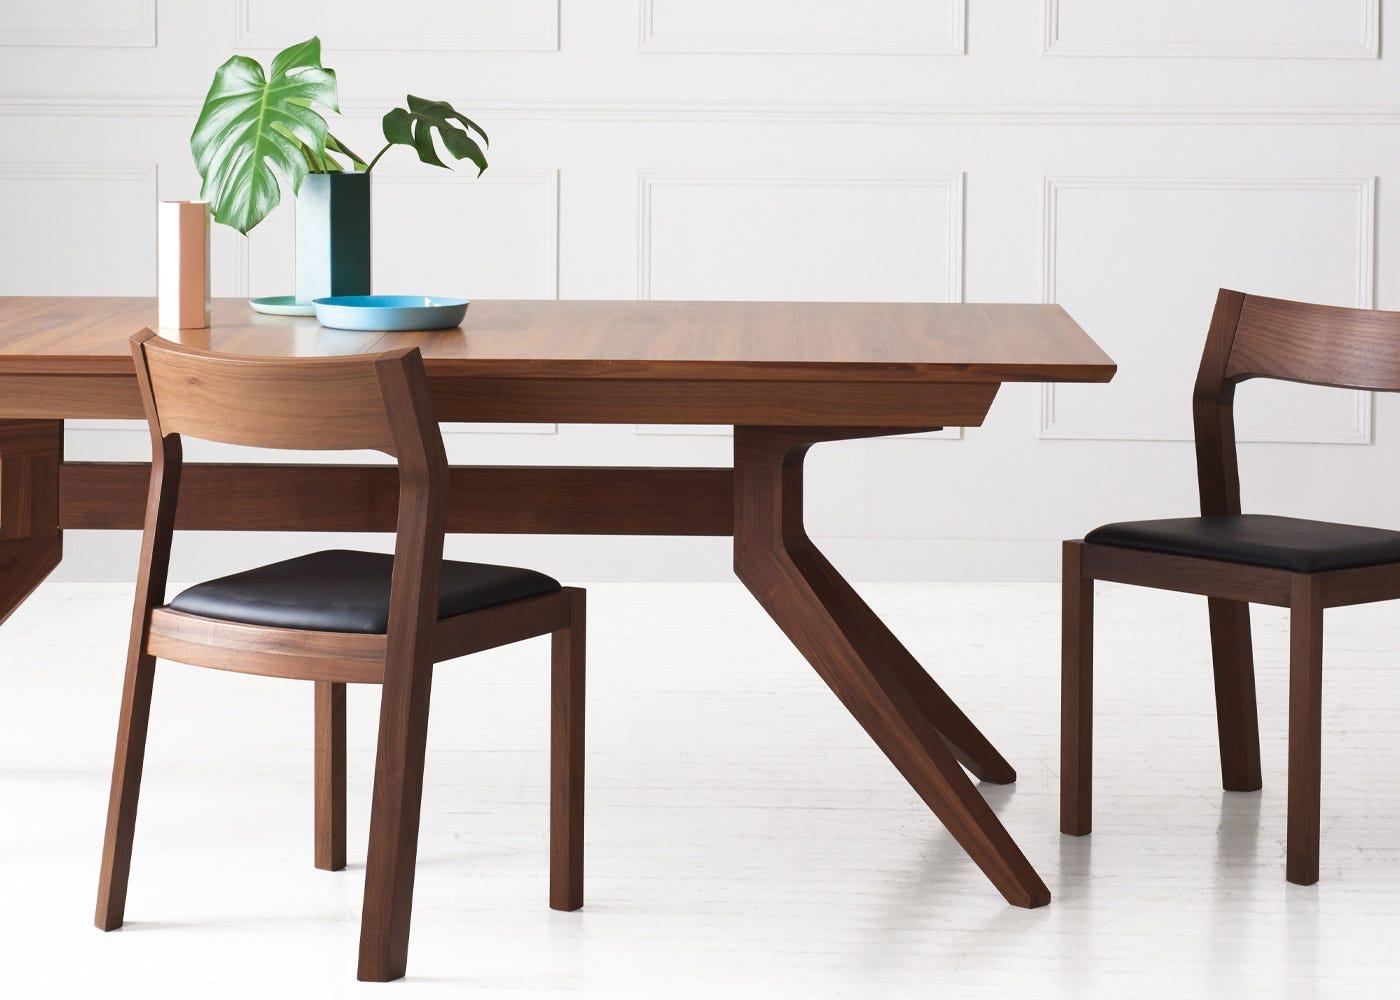 Cross Extending Dining Table by Matthew Hilton in Walnut